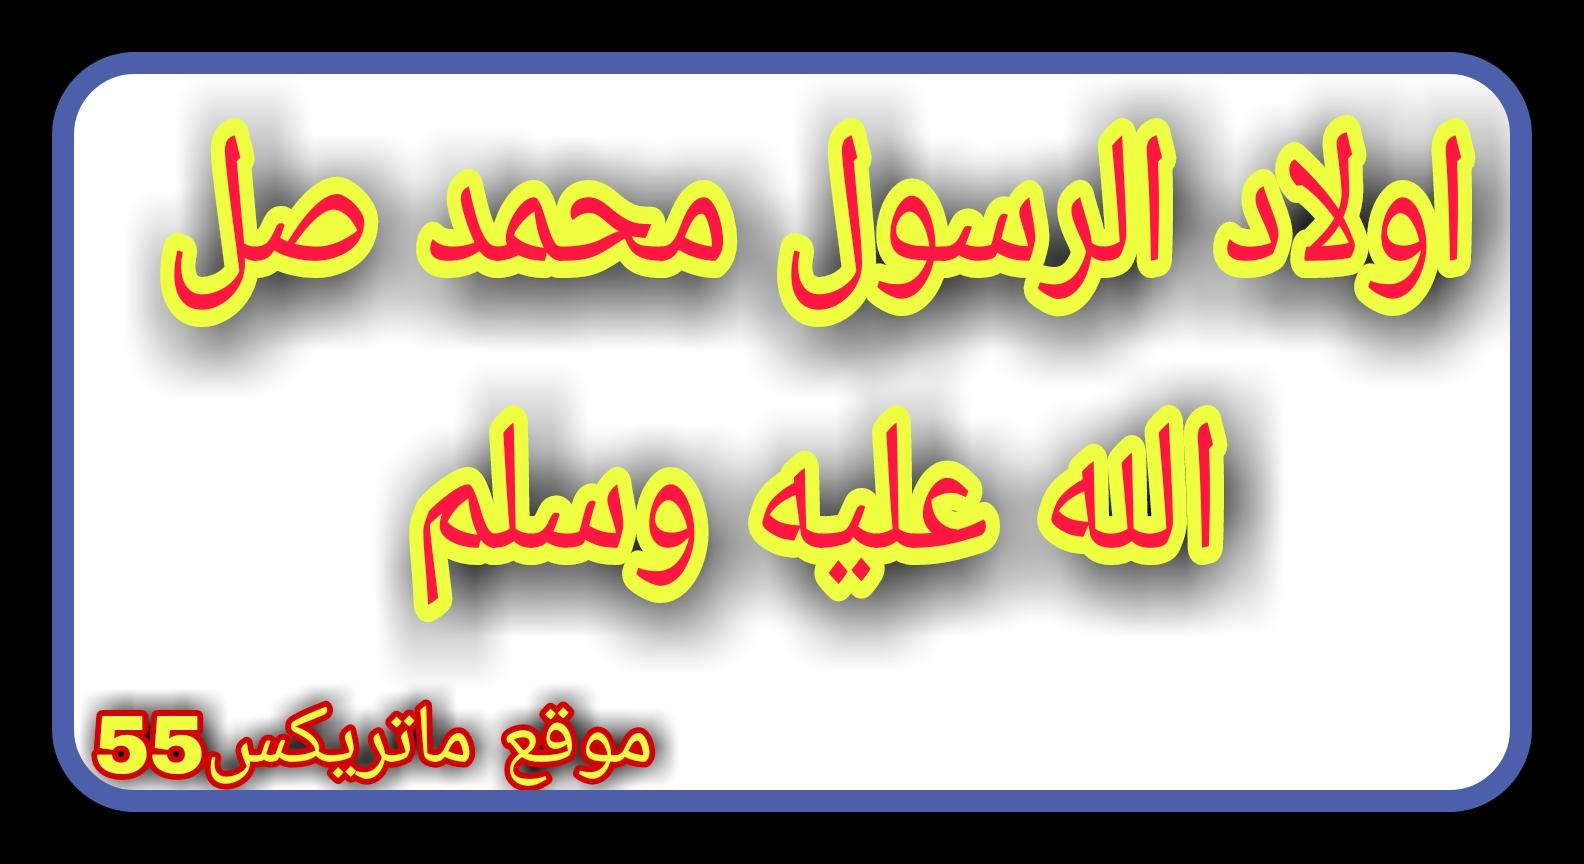 اولاد الرسول محمد صلى الله عليه وسلم   اولاد الرسول محمد ص   اولاد النبي محمد الذكور والاناث